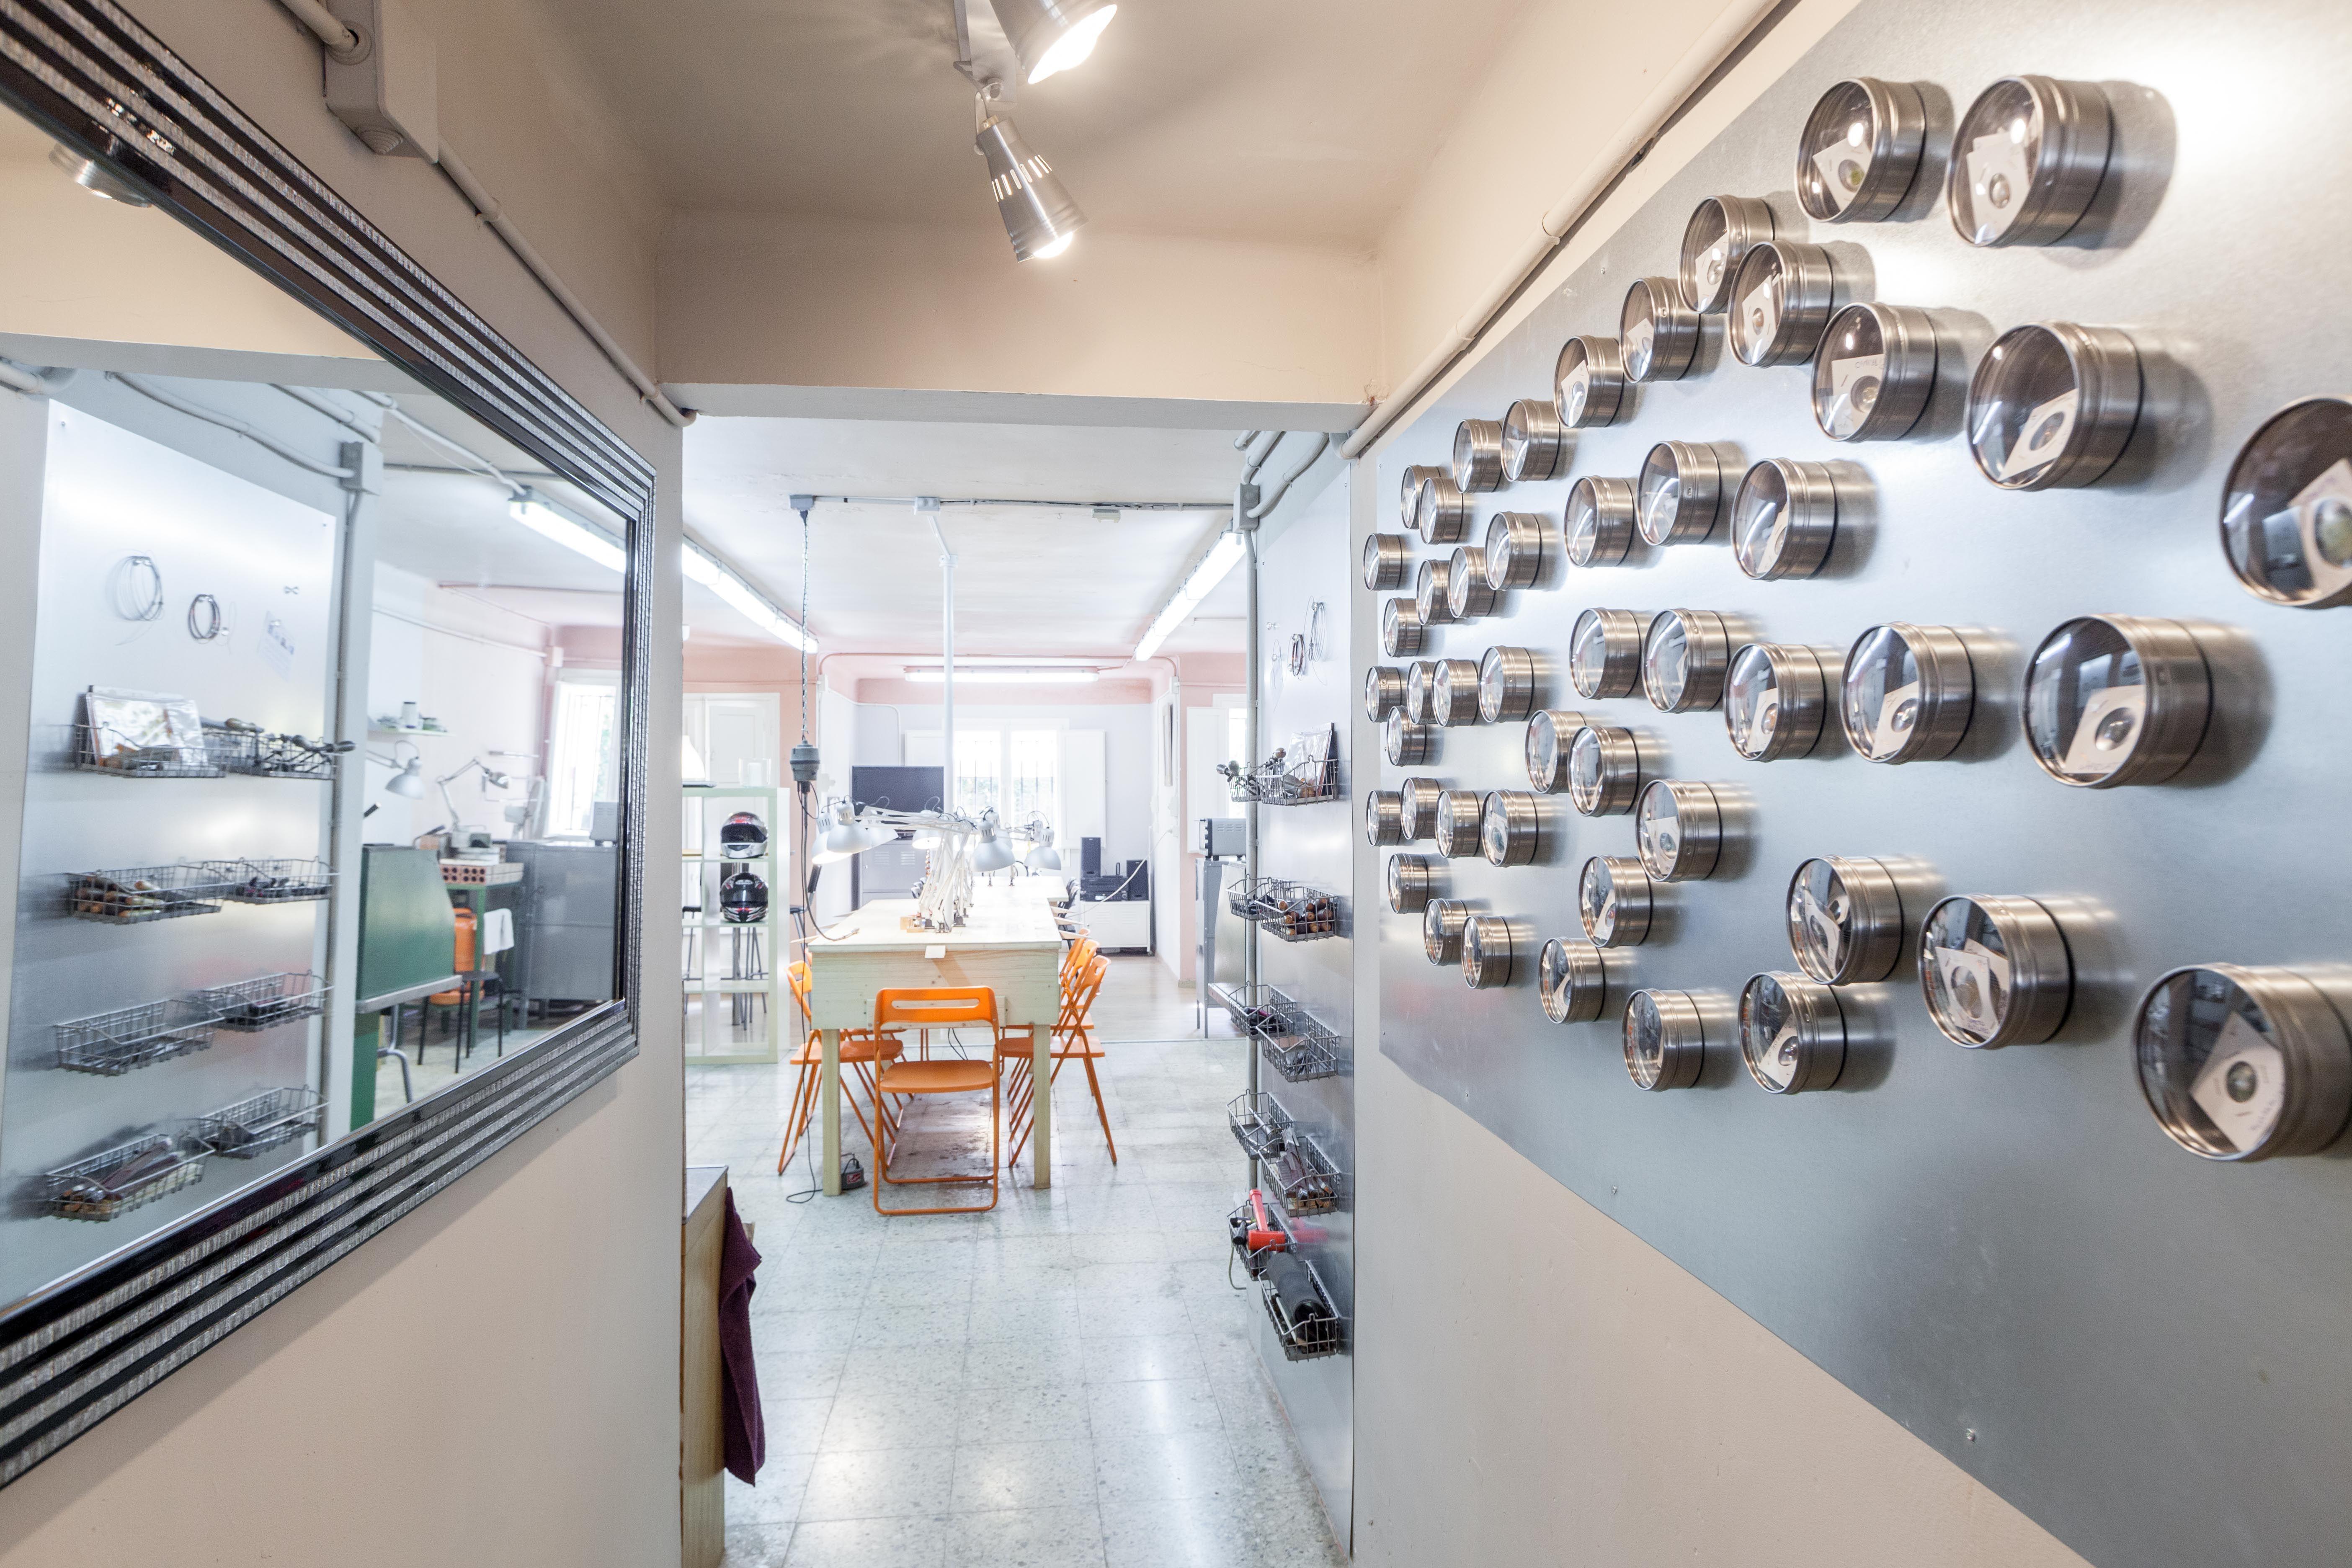 Foto 11 de Escuelas de joyería y engastado en Barcelona | puigBCNjoies Escola Taller de Joieria